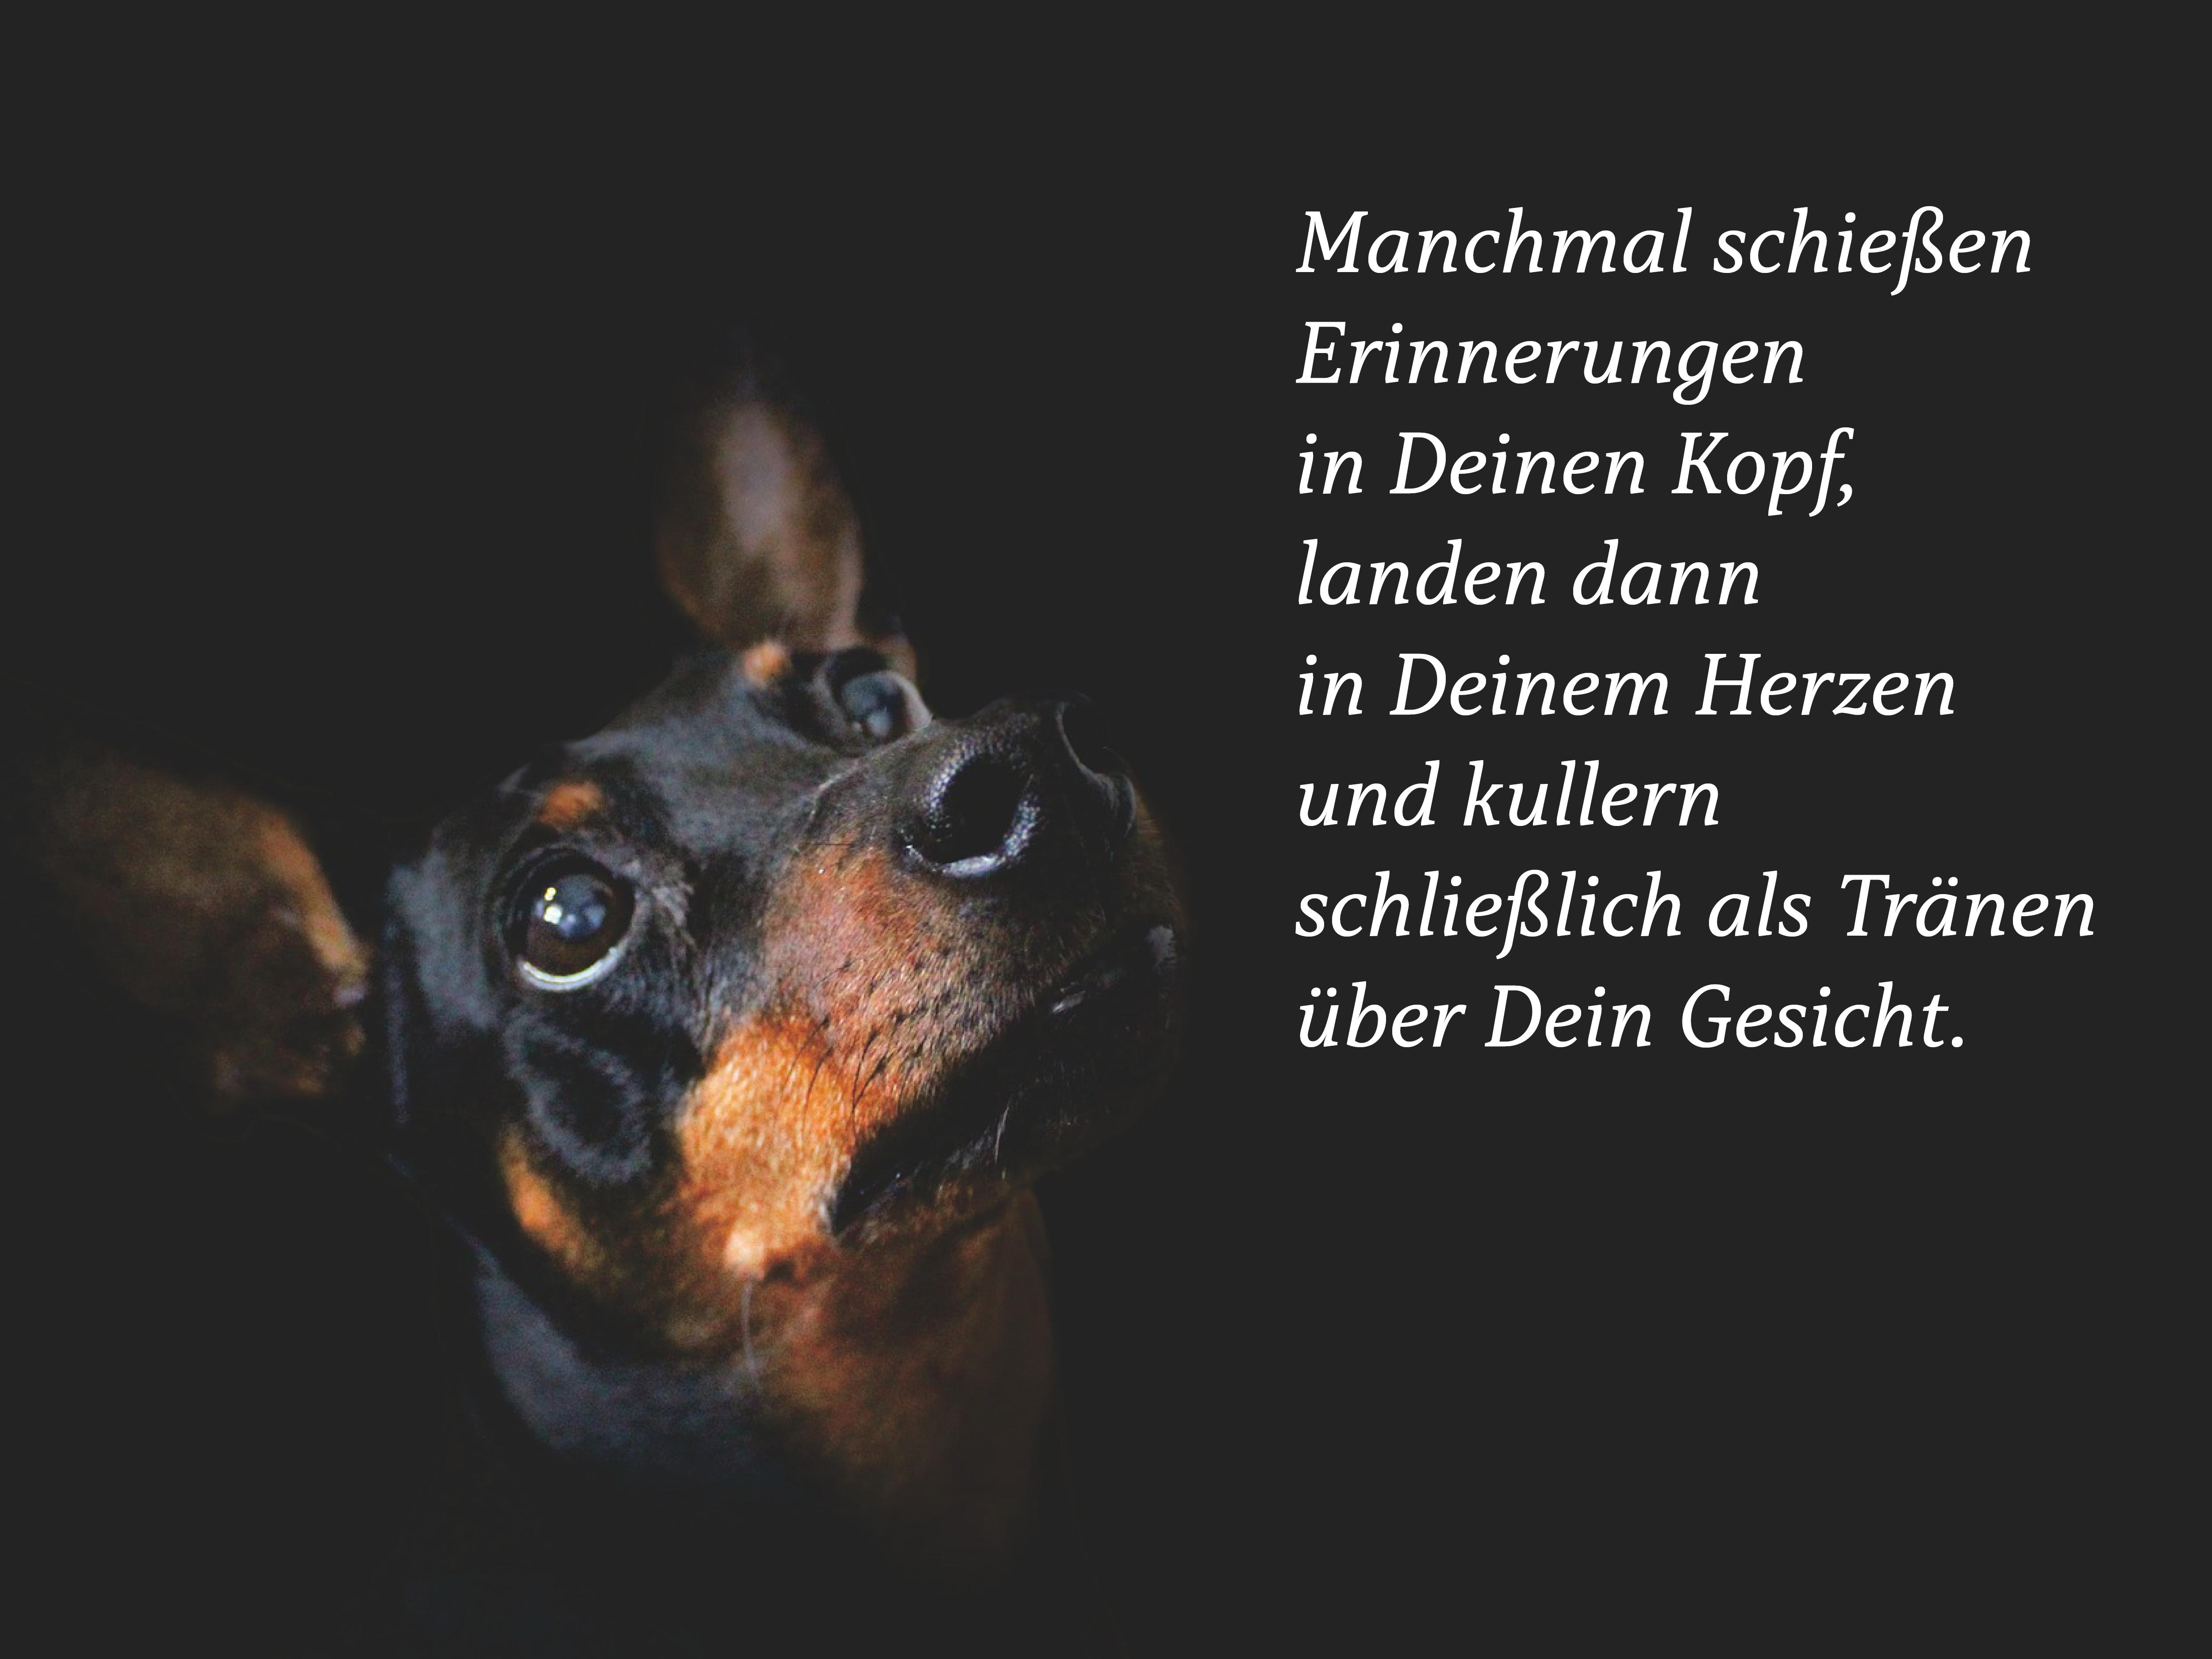 Manchmal Schiessen Erinnerungen In Deinen Kopf Trauergedichte Anubis Tierbestattung Hund Zitat Vermisse Meinen Hund Spruche Tierliebe